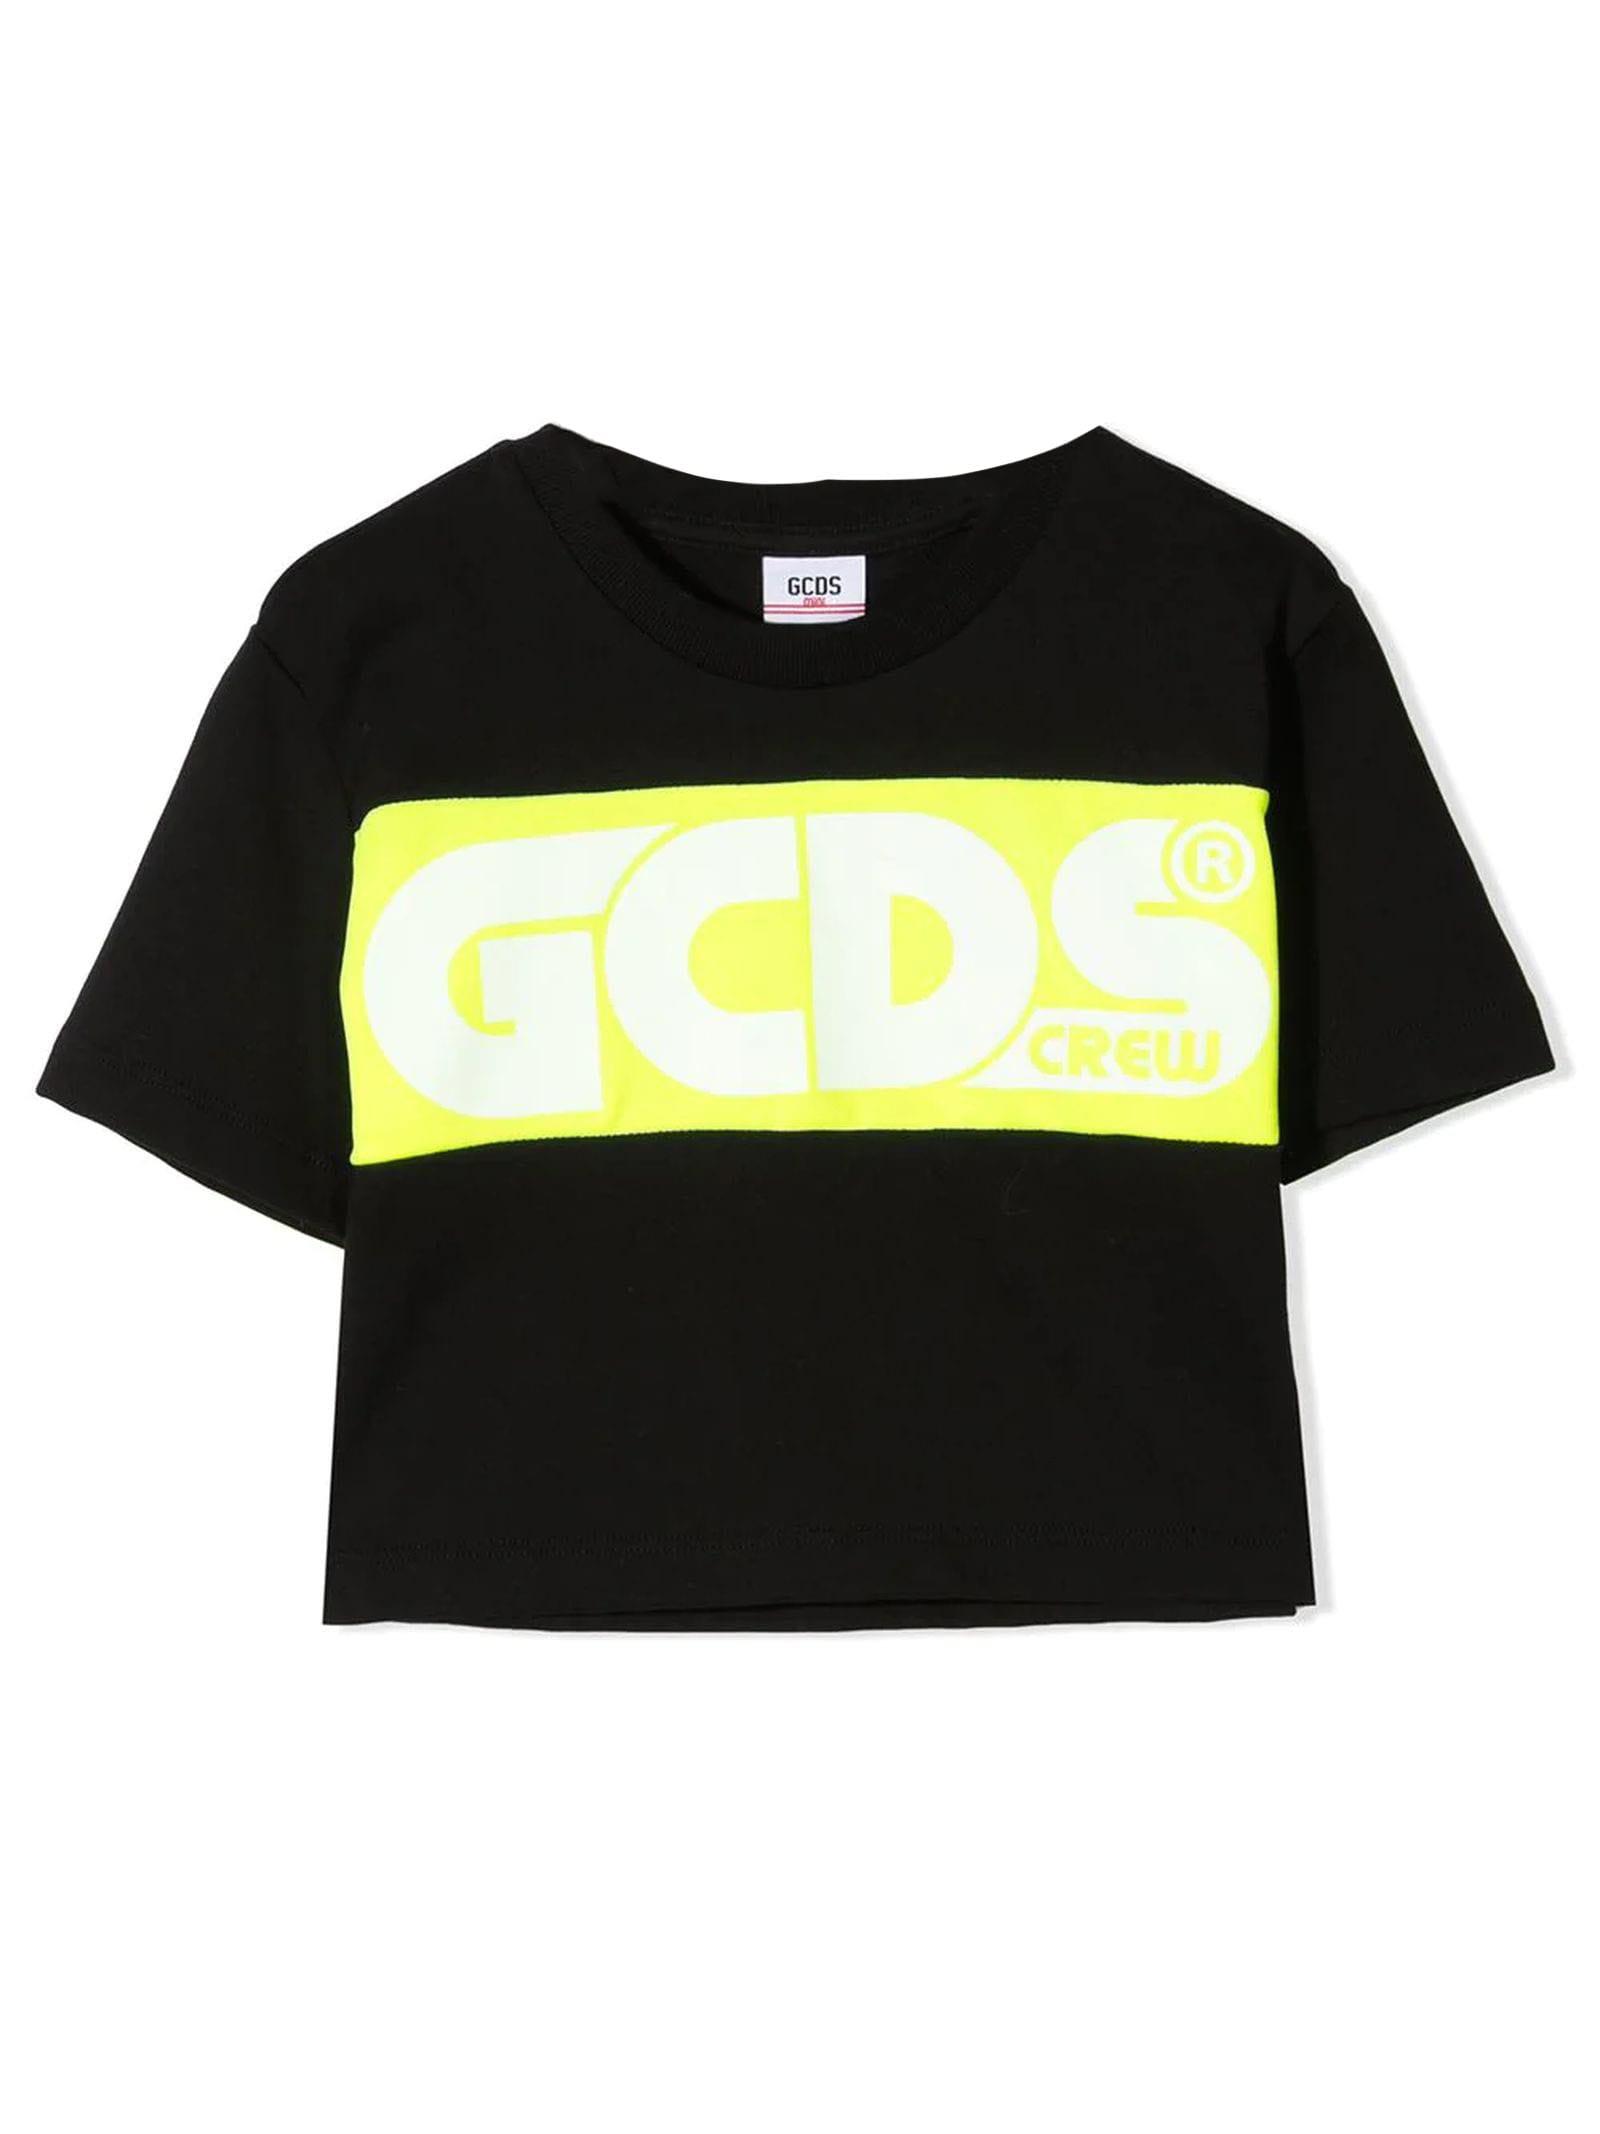 Gcds Cottons BLACK COTTON T-SHIRT